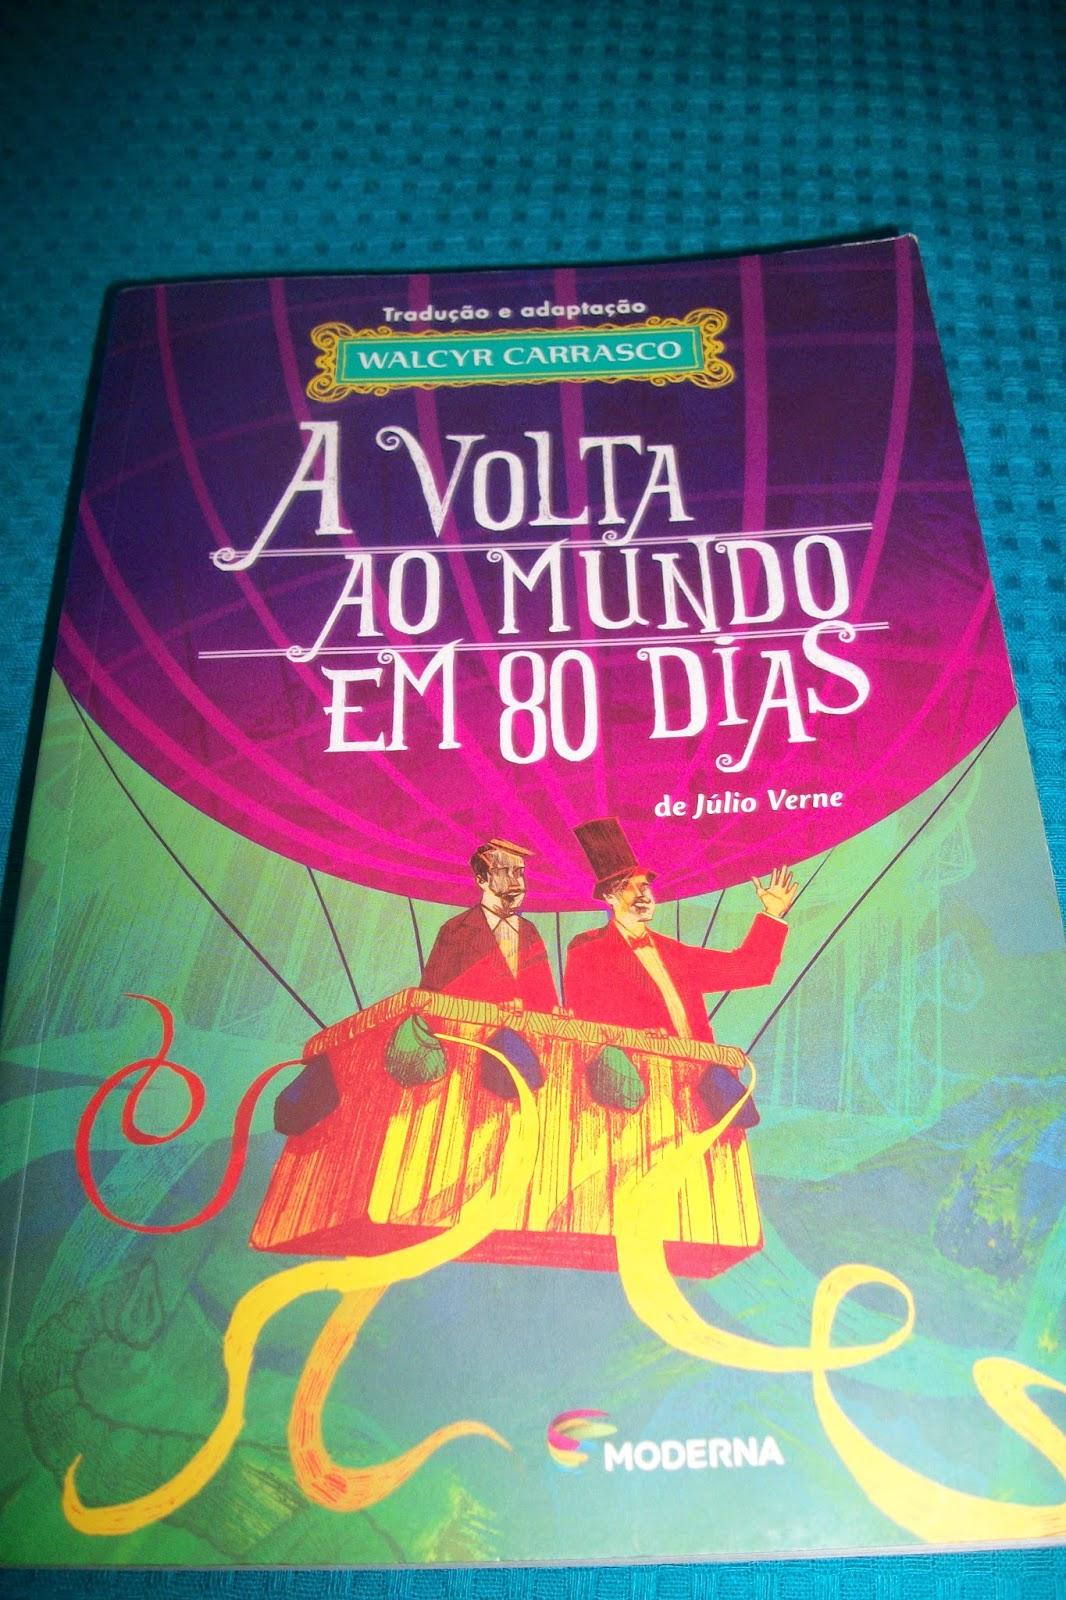 A Volta Ao Mundo Em 80 Dias Julio Verne Adaptacao De Walcyr